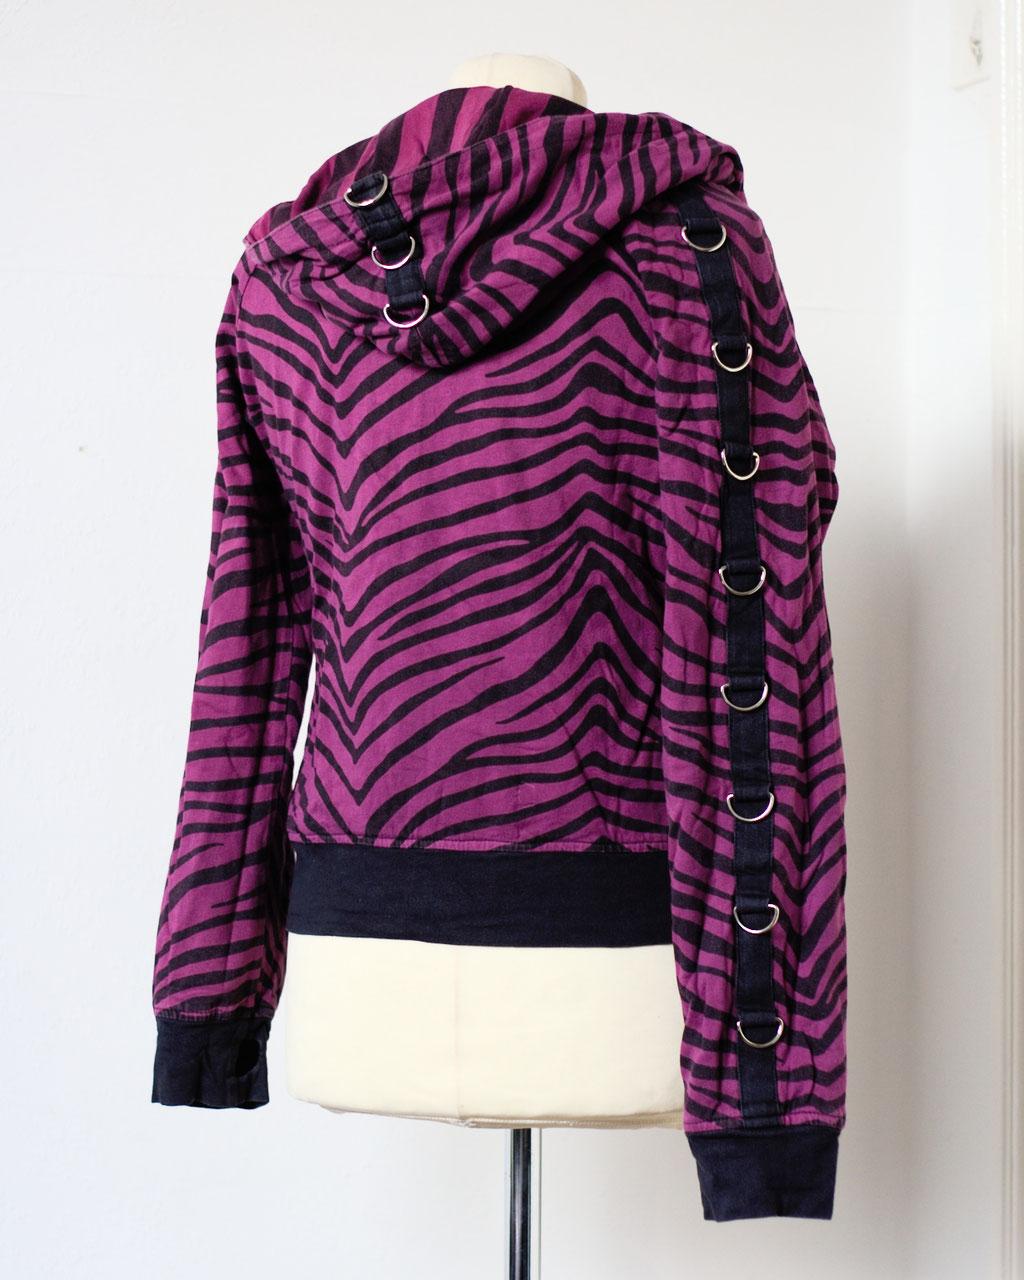 Flohmarkt: Pullis und Jacken - Poizen Industries Wendejacke lila Zebra - Zebraspider DIY Anti-Fashion Blog